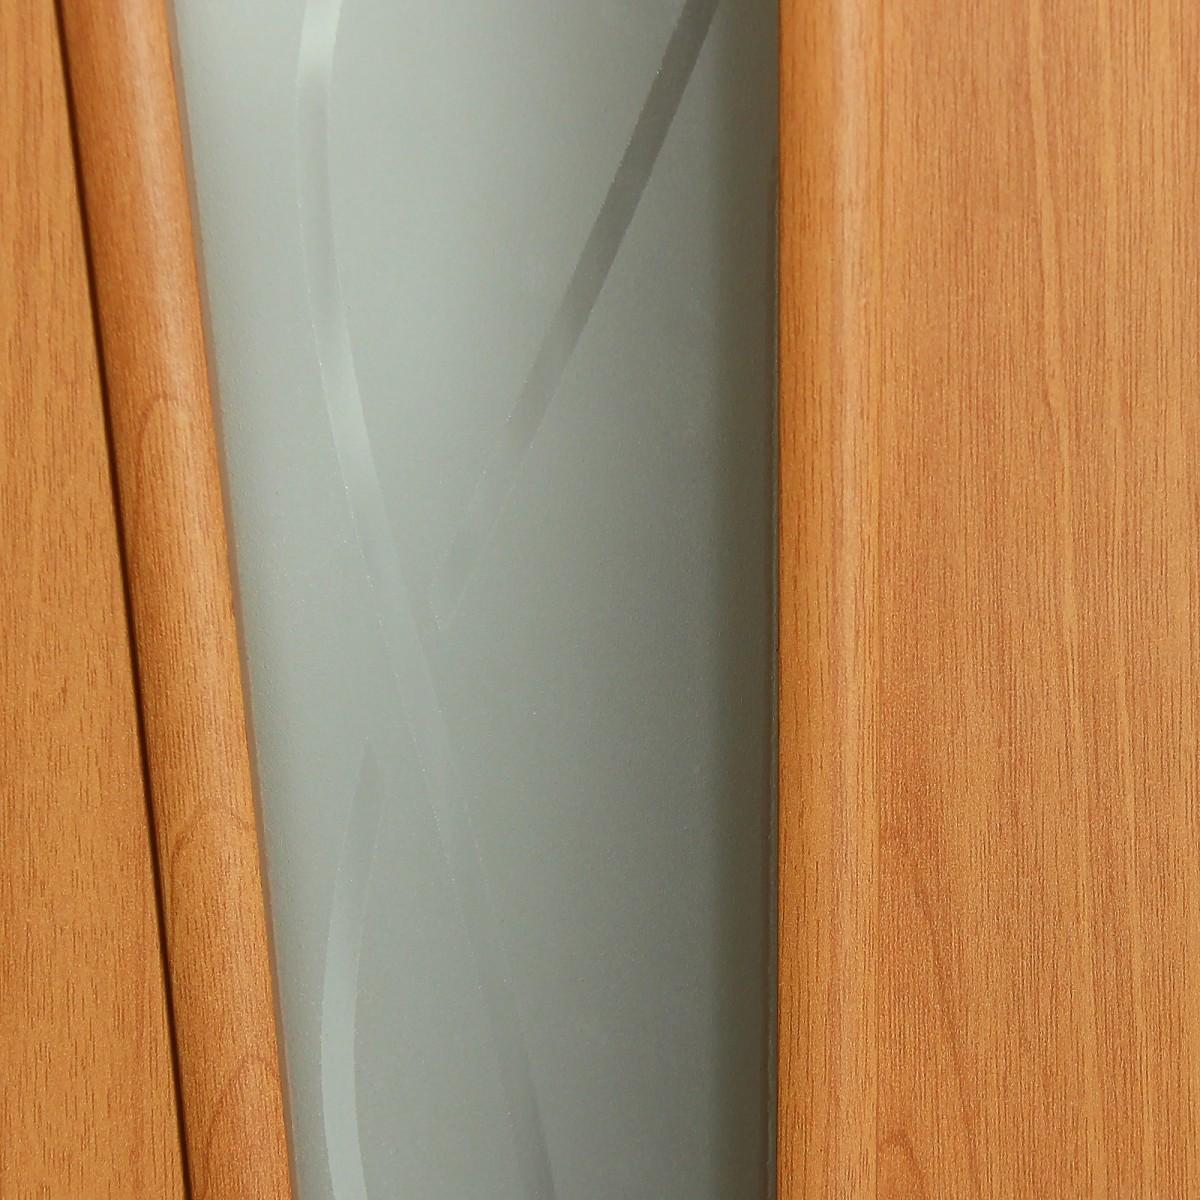 Дверь Межкомнатная Остеклённая Ламинированная Белеза 80x200 Цвет Миланский Орех